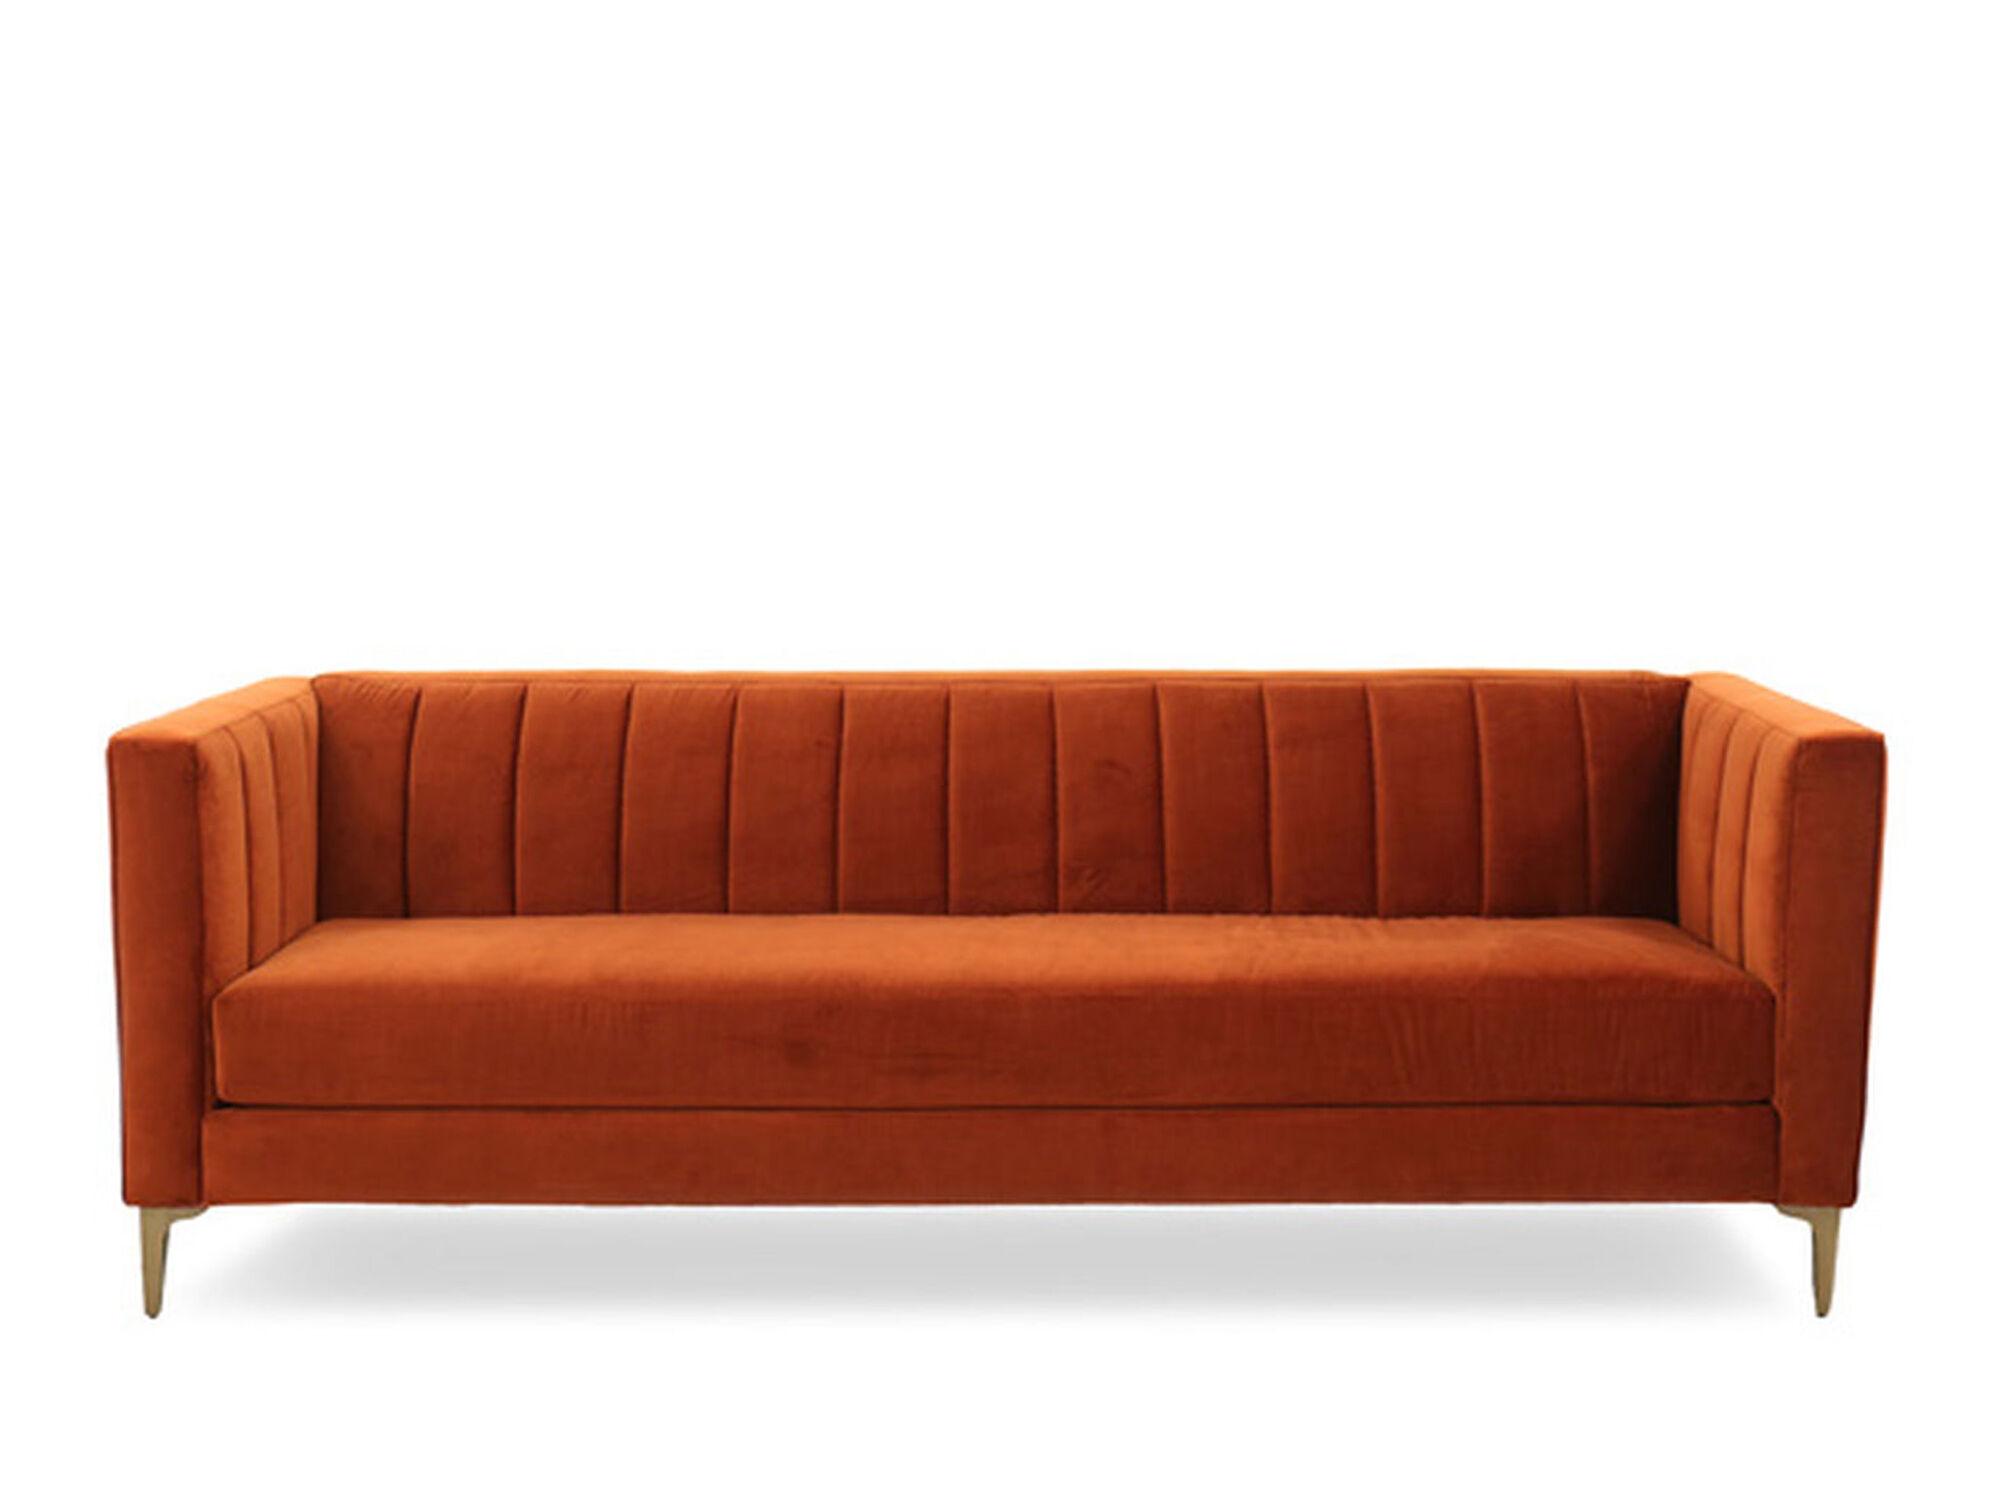 Channel Tufted Velvet Sofa In Orange Crush ...